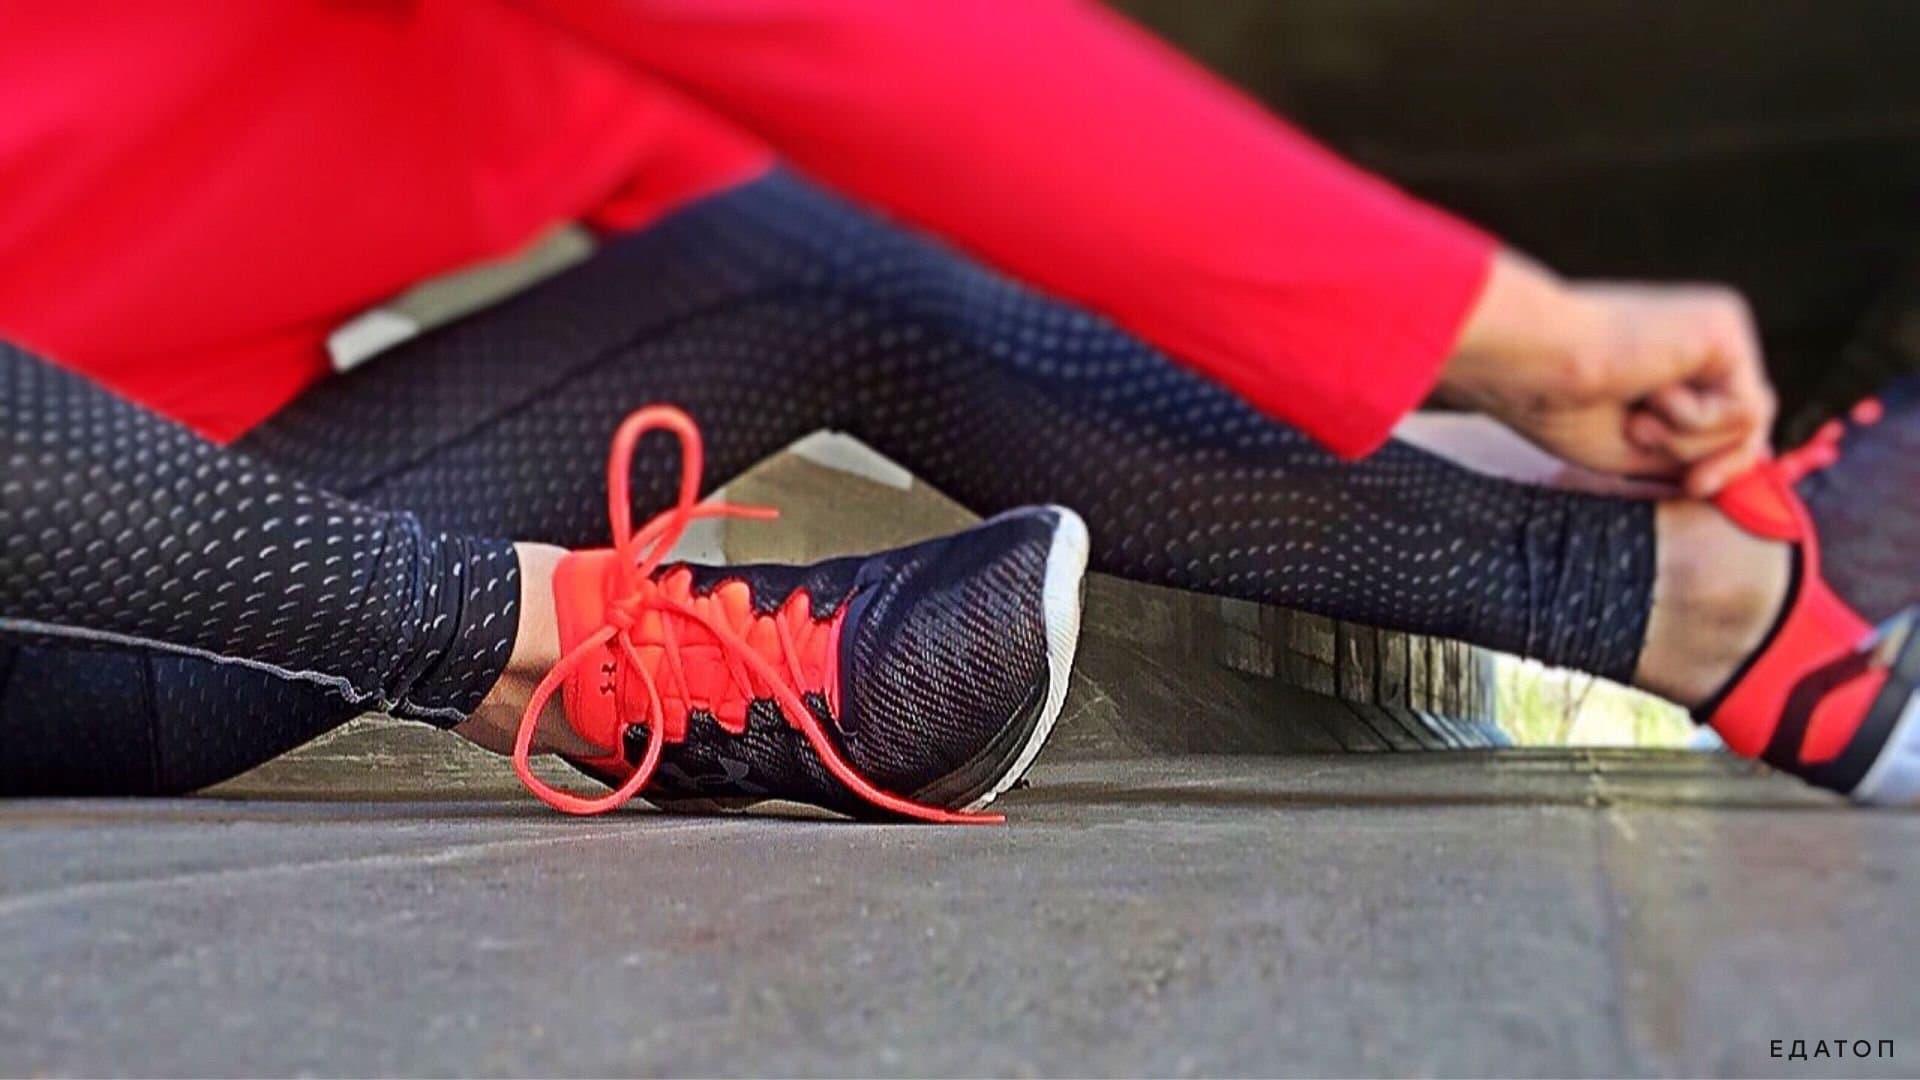 В период сушки целесообразно использовать жиросжигатели, т. к. они способствуют скорейшему выводу из организма излишка жидкости.